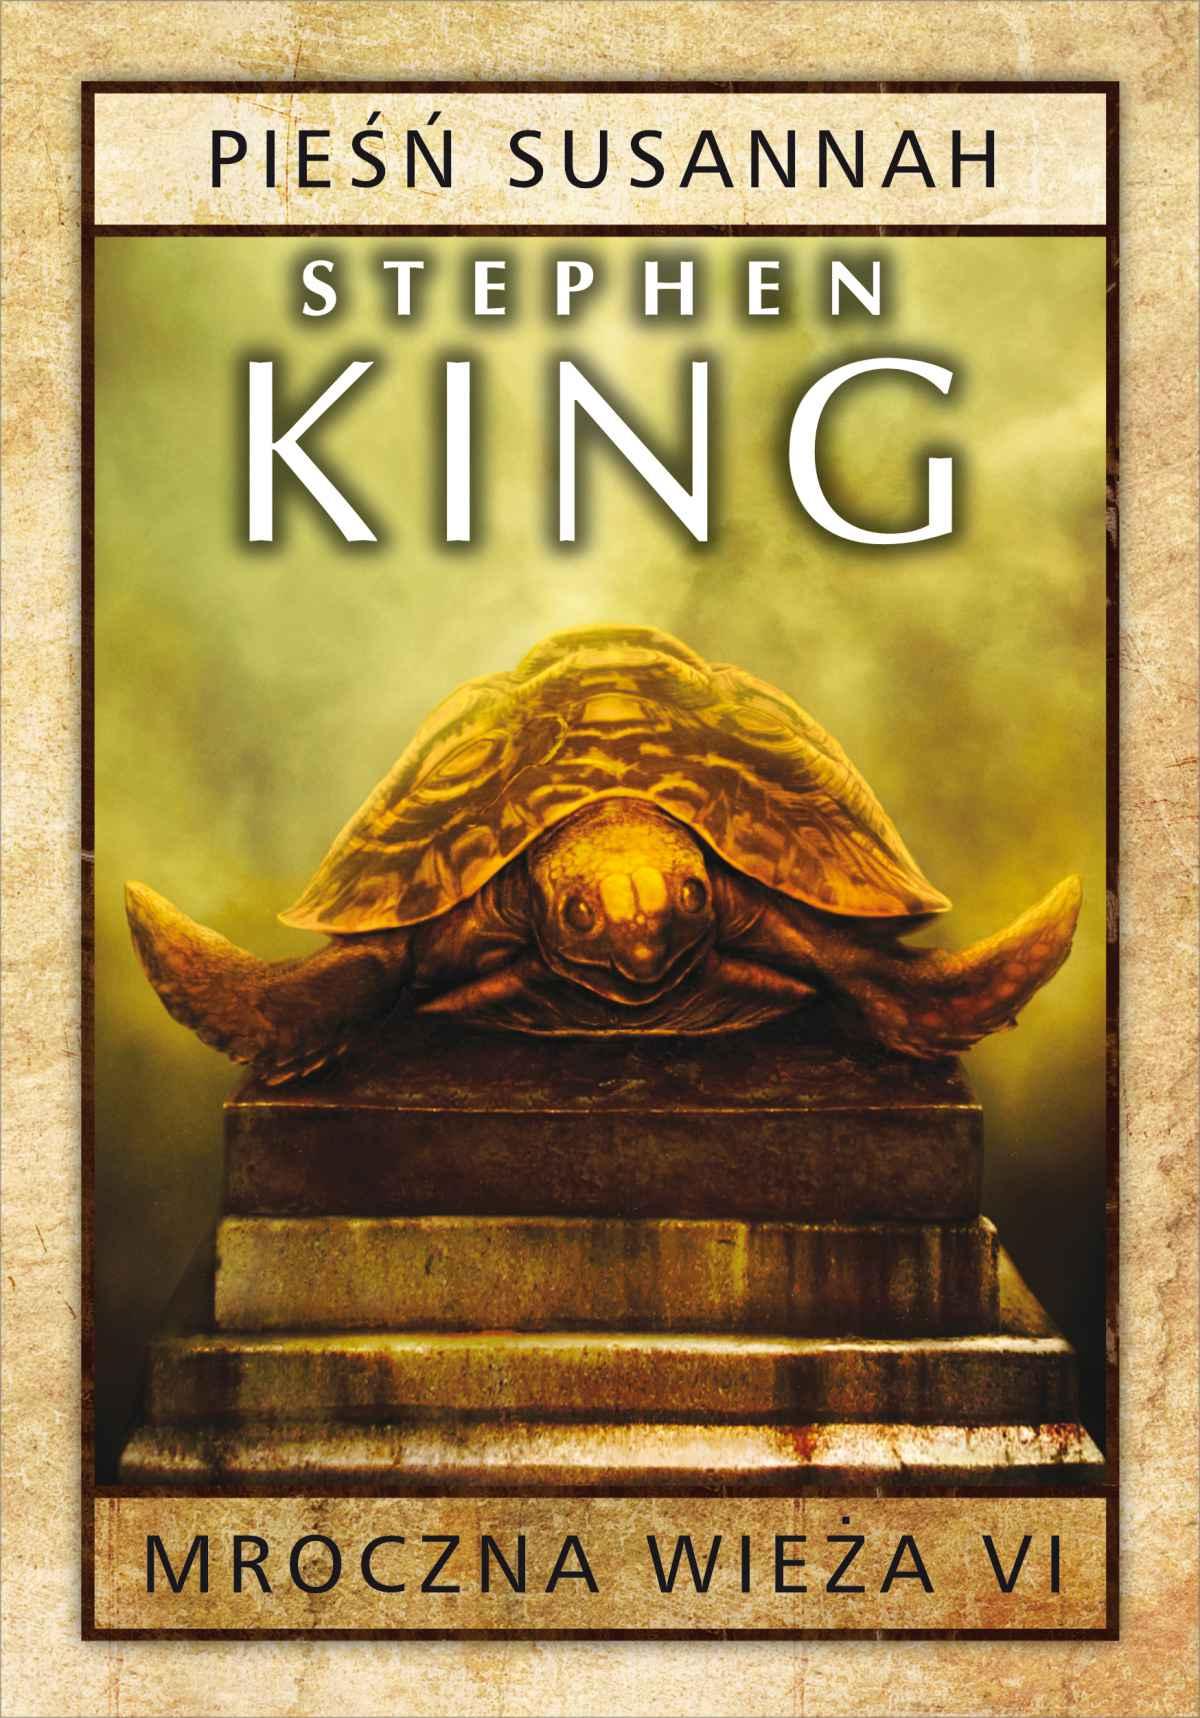 Mroczna Wieża VI: Pieśń Susannah - Ebook (Książka na Kindle) do pobrania w formacie MOBI